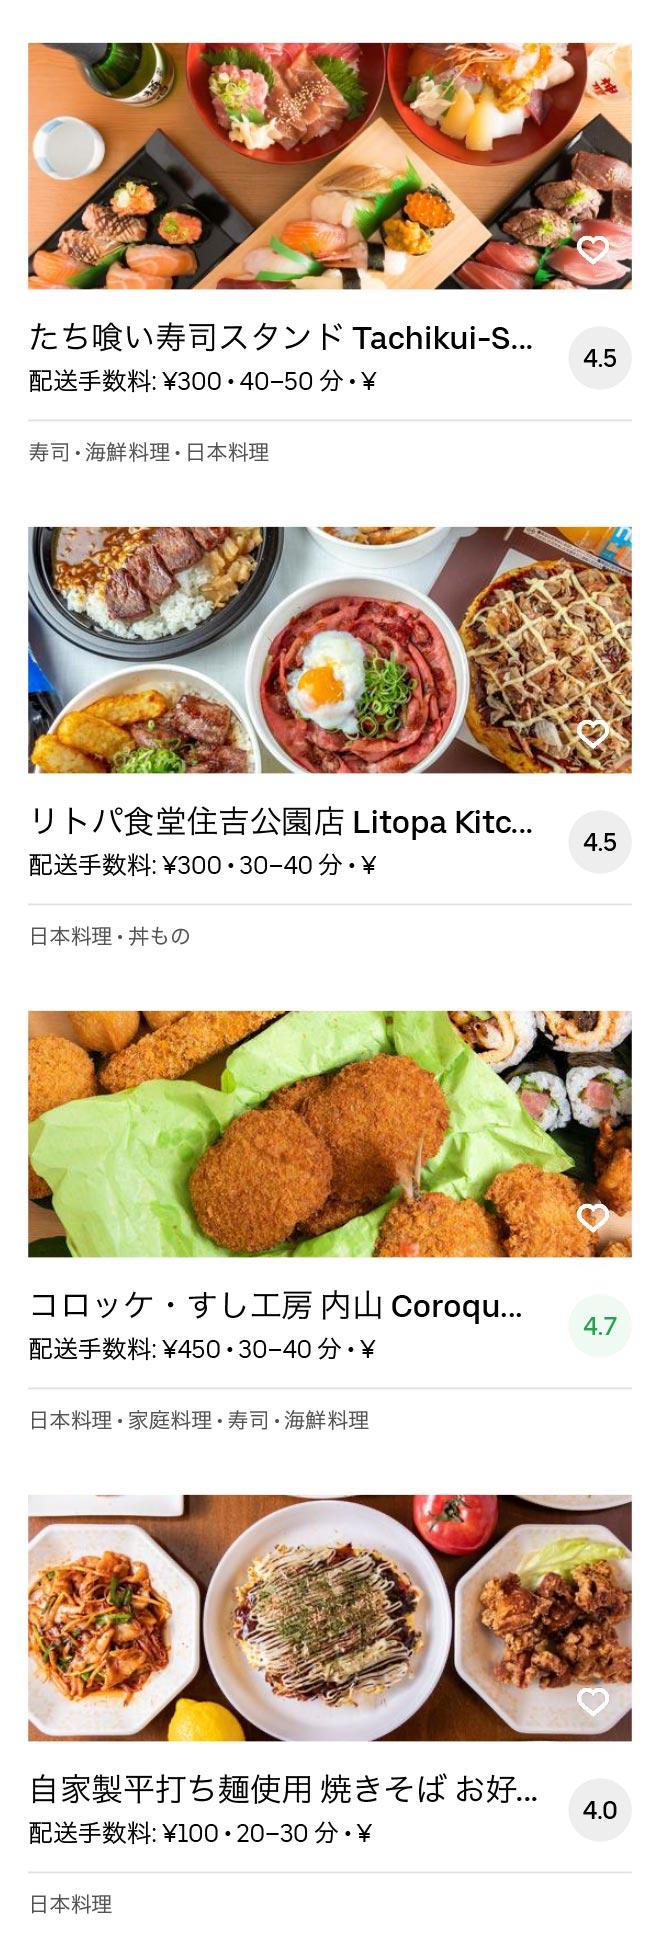 Sakai sakai higashi menu 2005 07